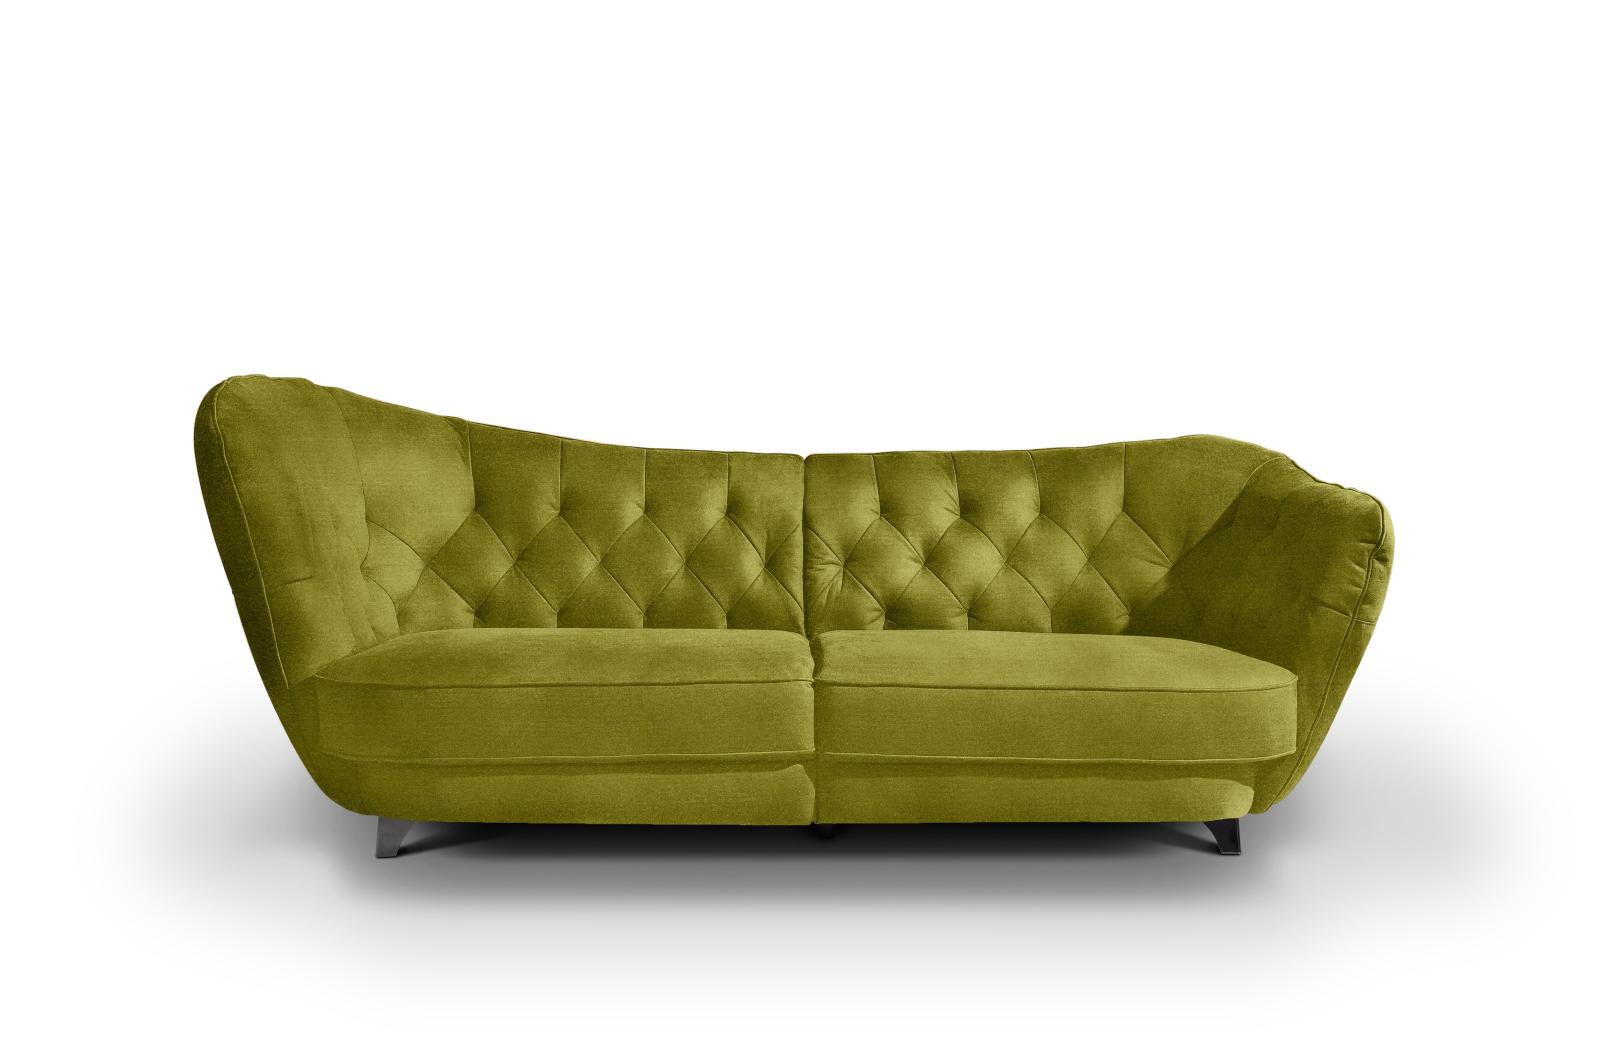 Full Size of Big Sofa Roller Arizona Couch Bei Sam L Form Green Retro Links Online Kaufen 2er Grau Xxl Polsterreiniger Lagerverkauf Kunstleder Kleines Wohnzimmer 3er Kare Wohnzimmer Big Sofa Roller